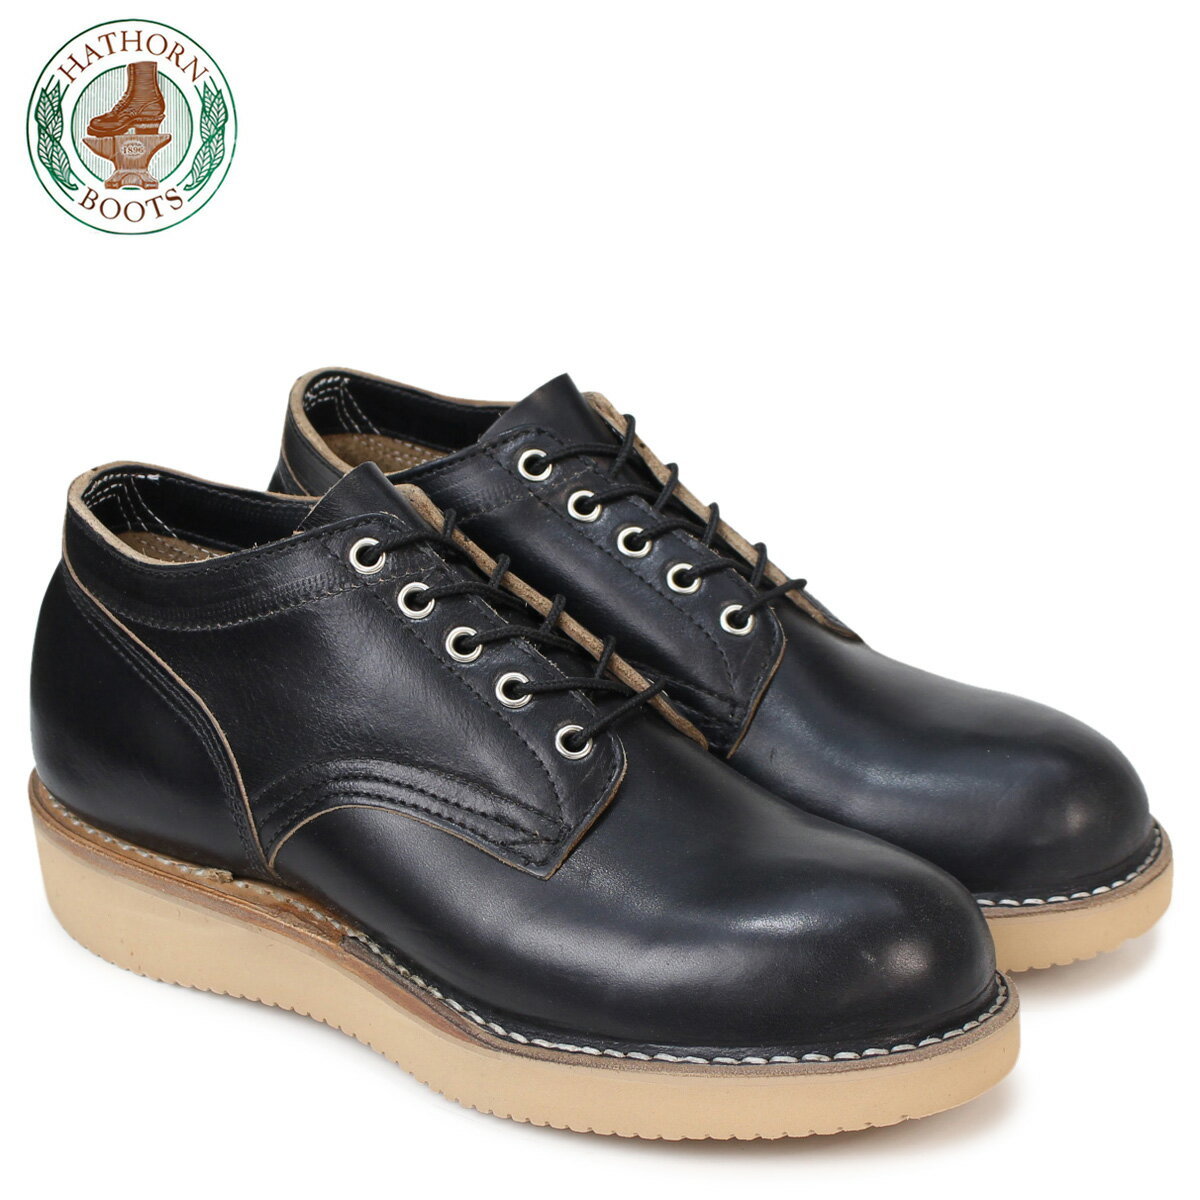 ハソーン HATHORN オックスフォード ホワイツ ブーツ レーニア RAINIER OXFORD Eワイズ 104NWC WHITE'S BOOTS ブラック メンズ